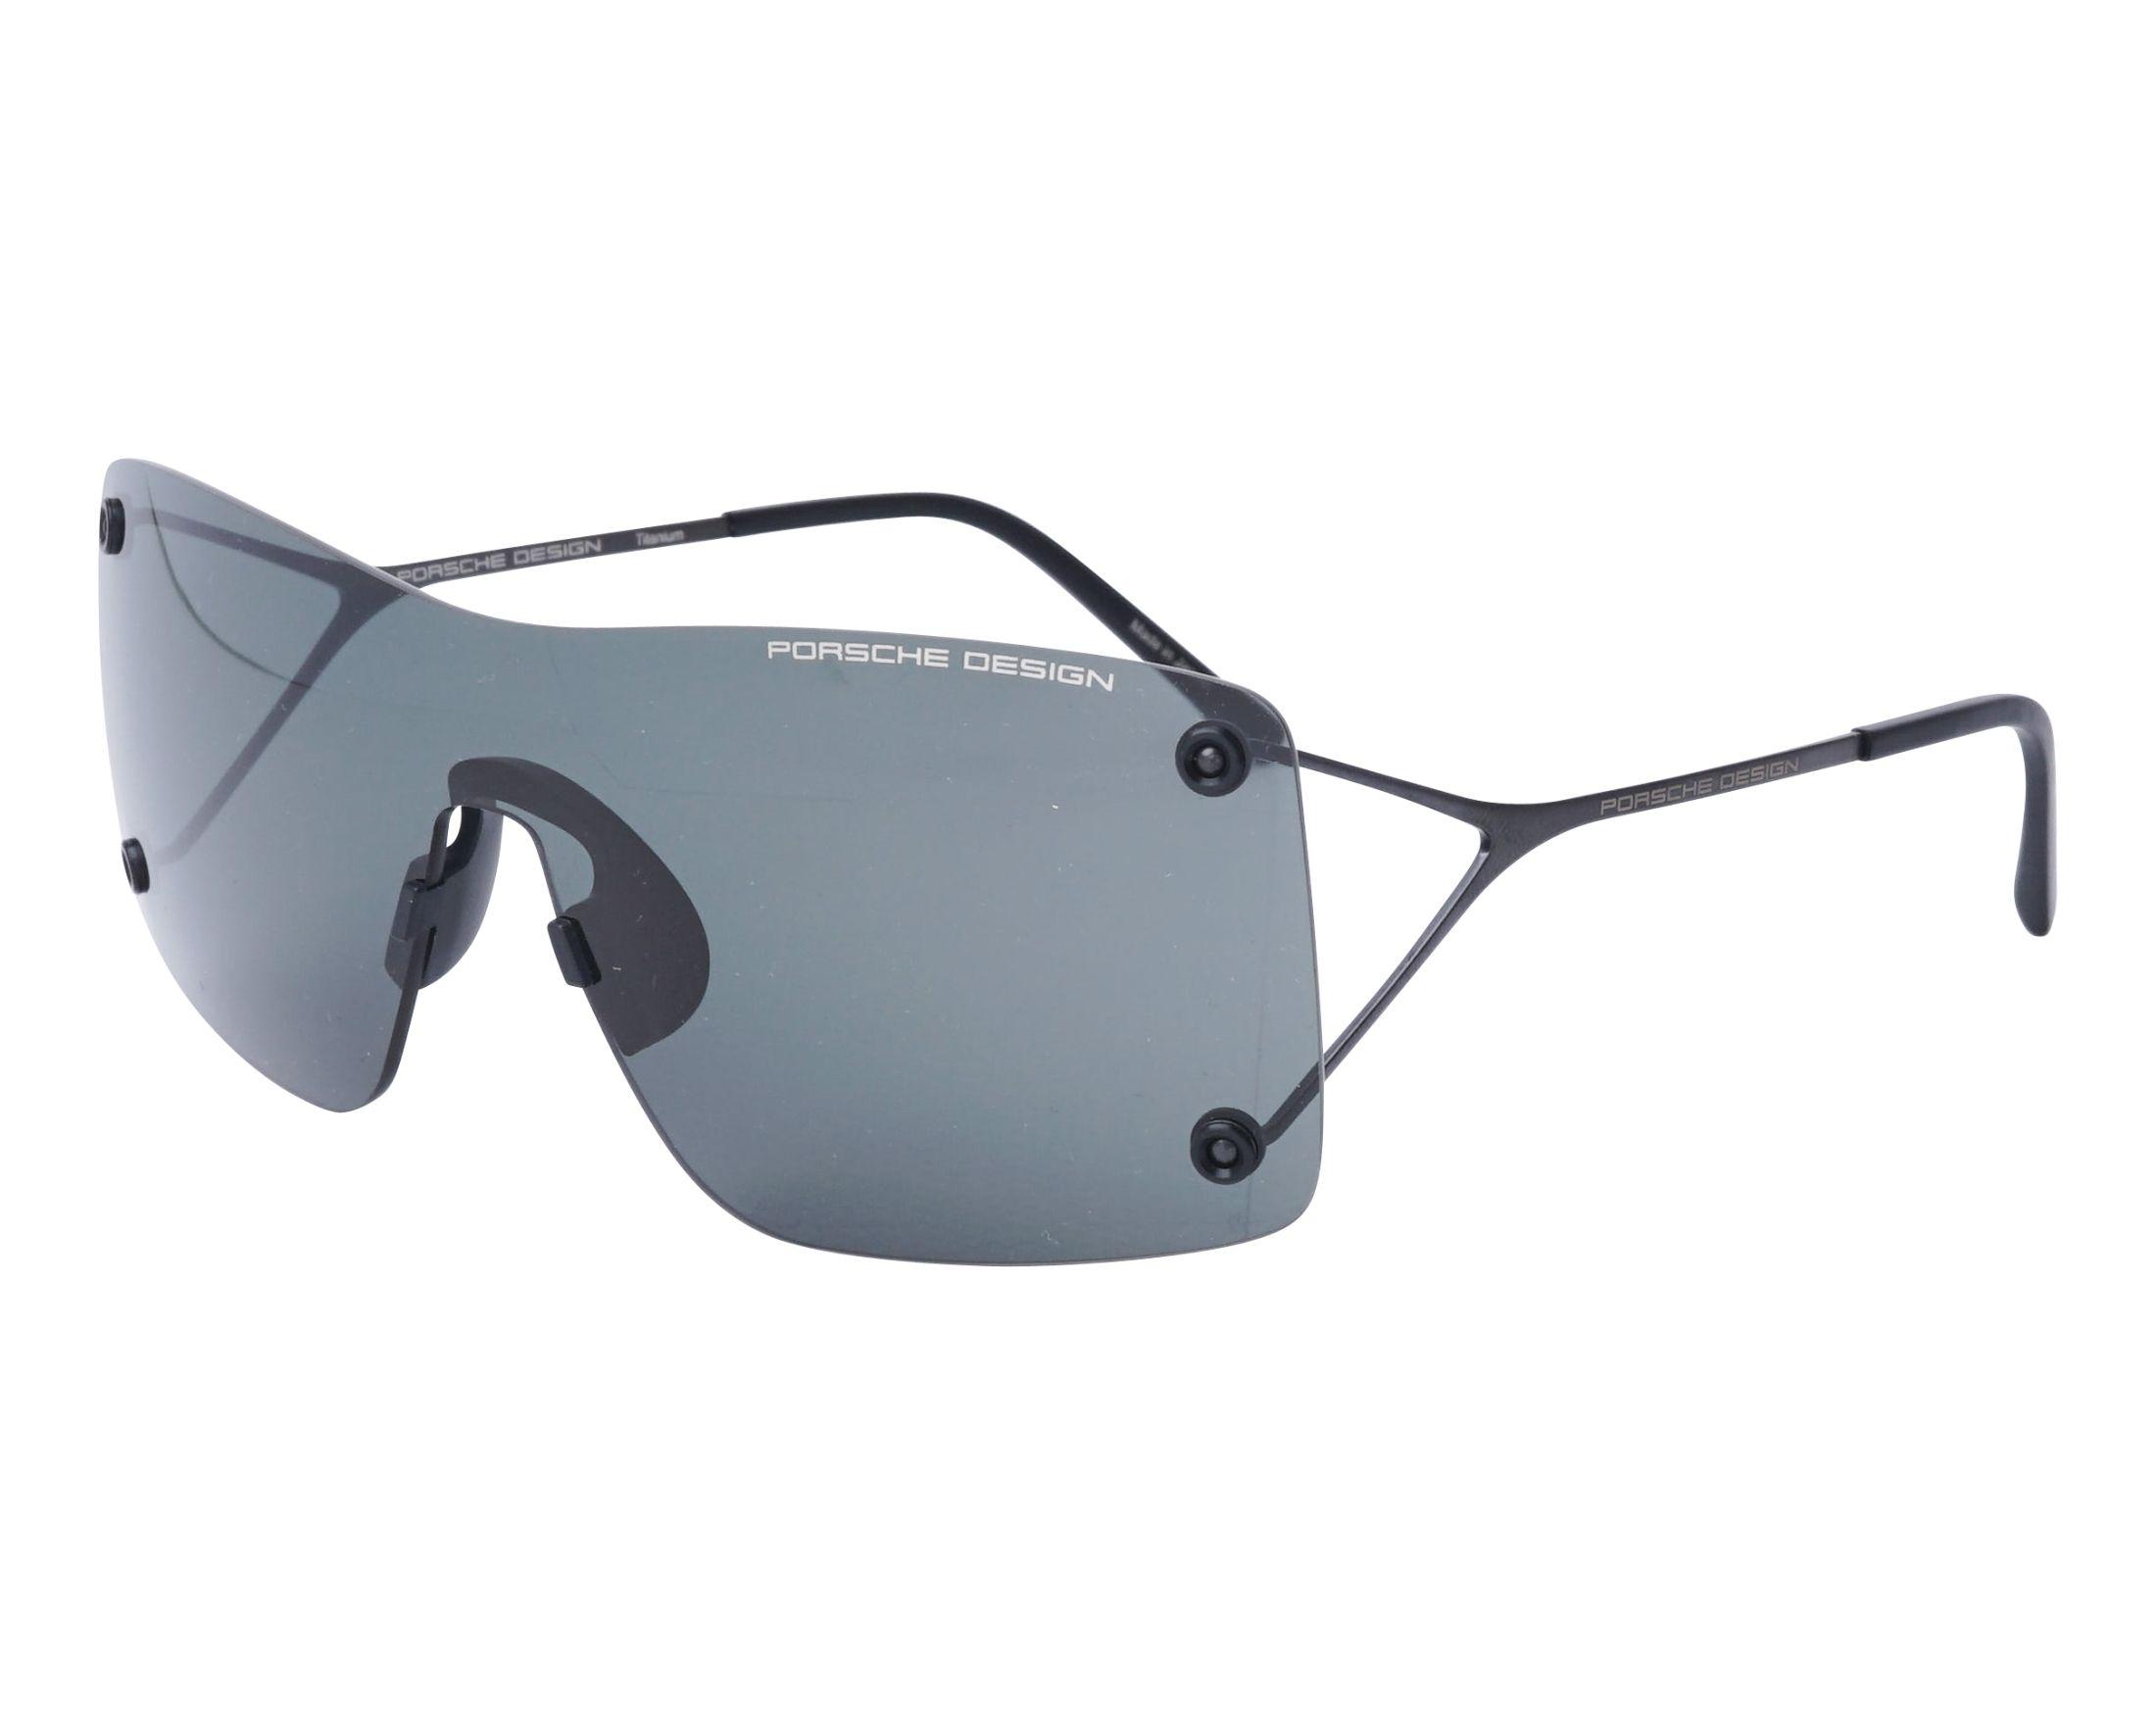 7e4f262f2db Sunglasses Porsche Design P-8620 C 64-16 Gun profile view